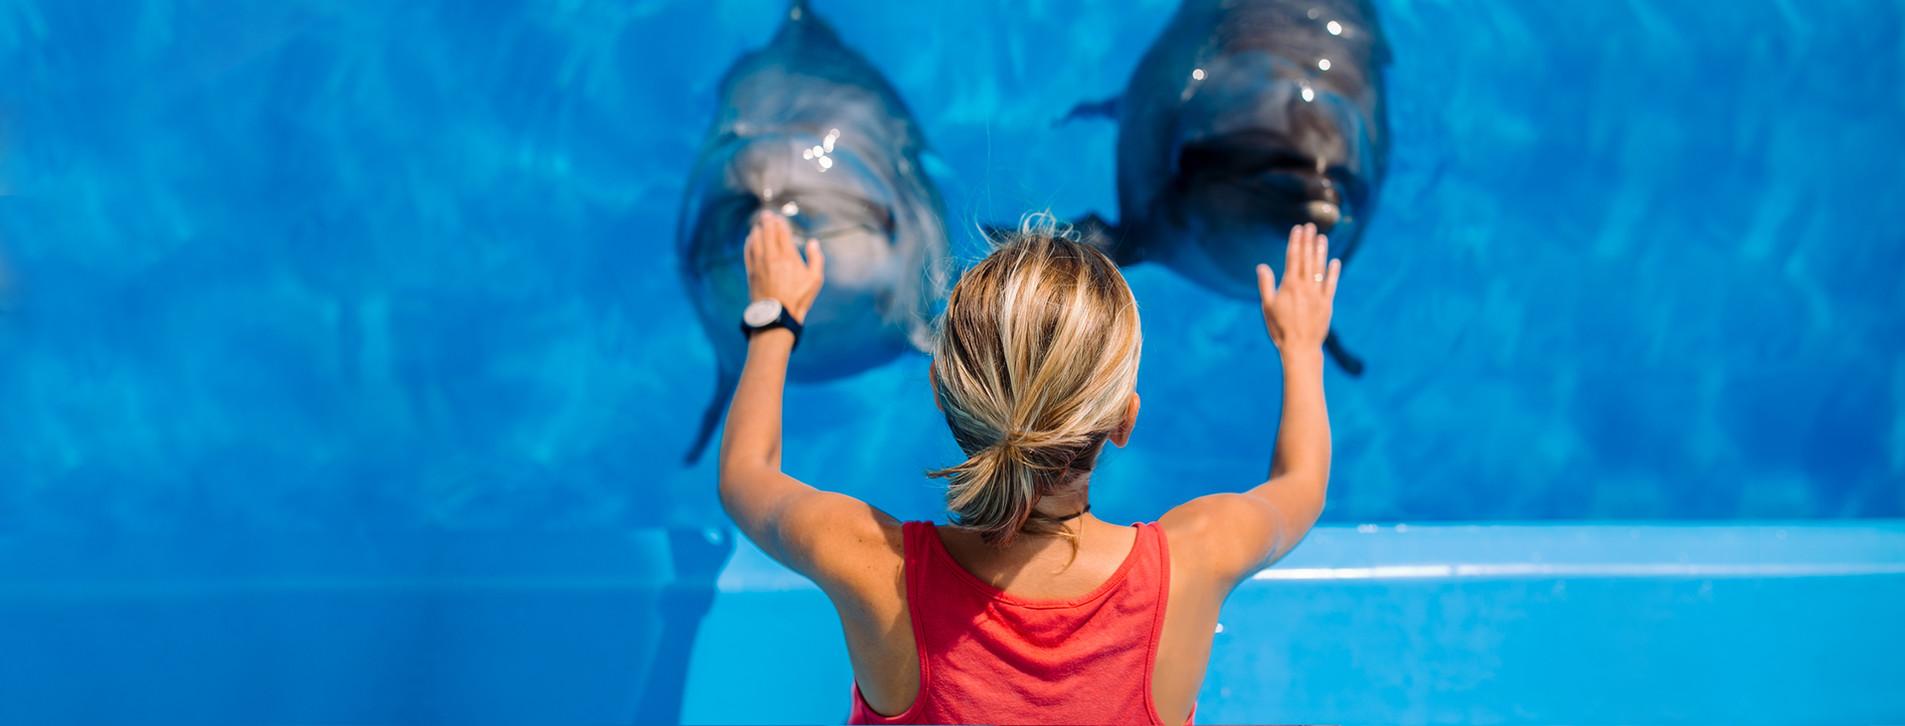 Фото - Тренування з дельфінами для двох